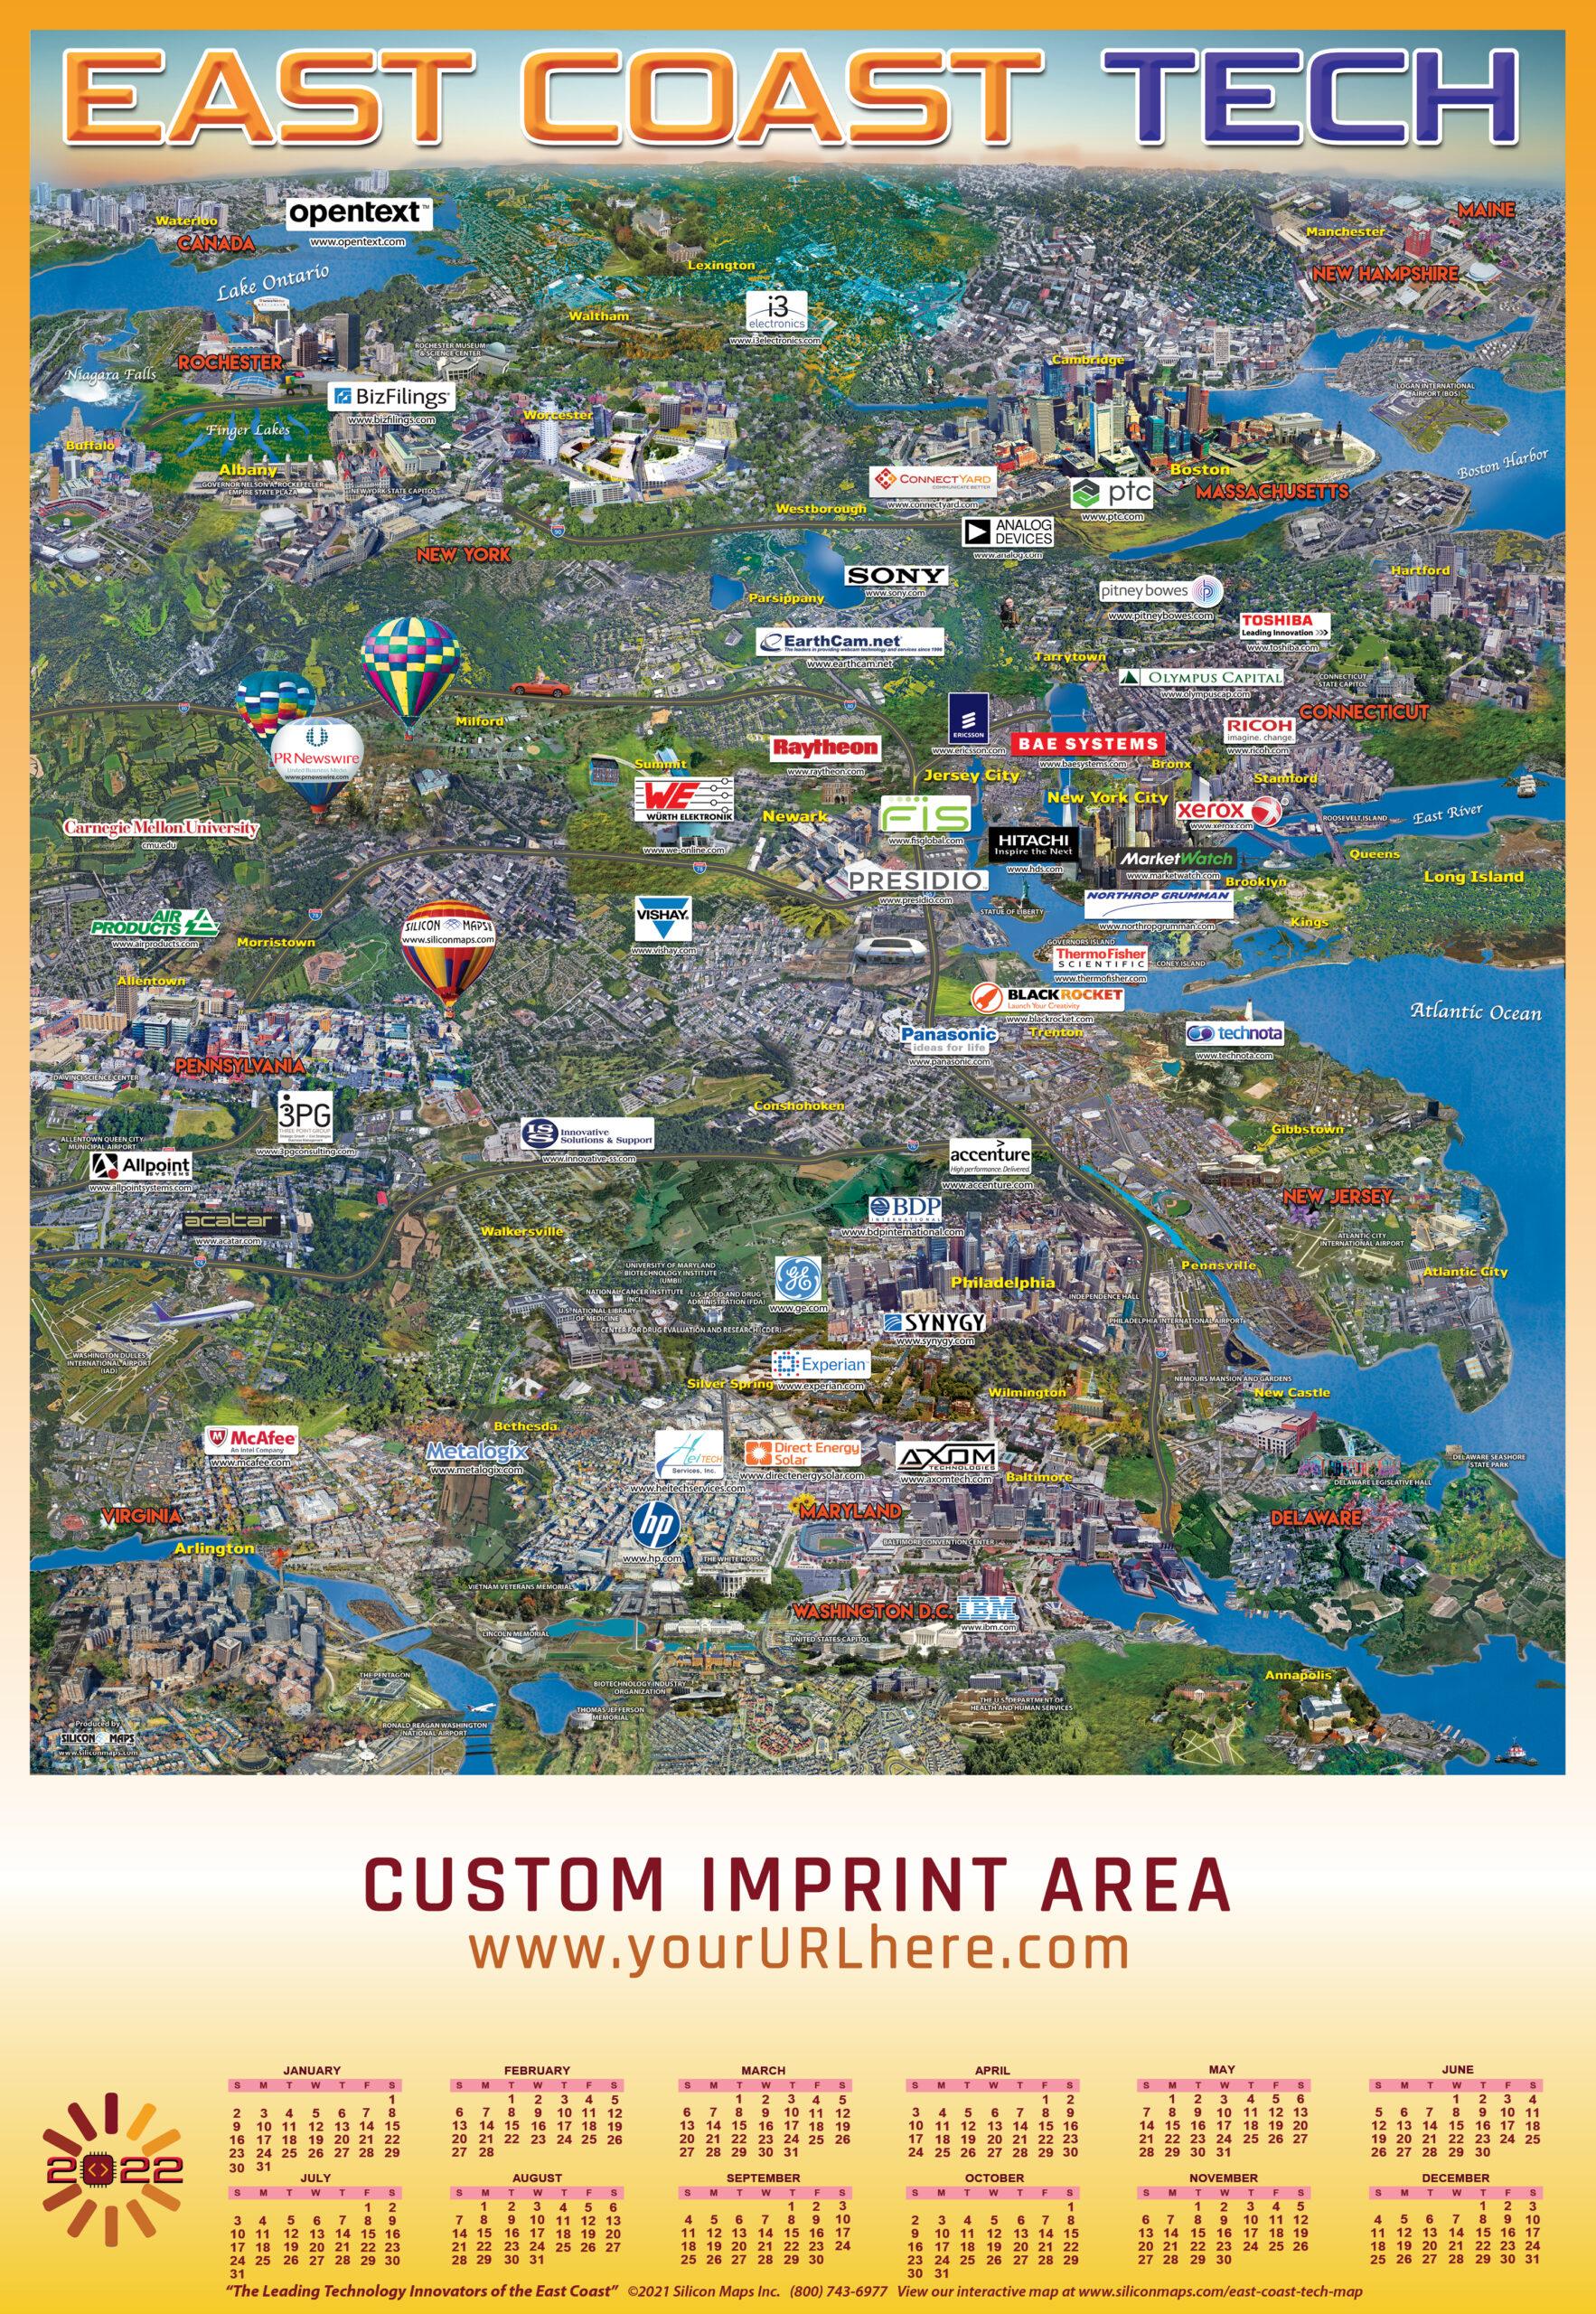 ECT22, East Coast Tech, Tech, Map, Business, Technology, hardware, software, companies